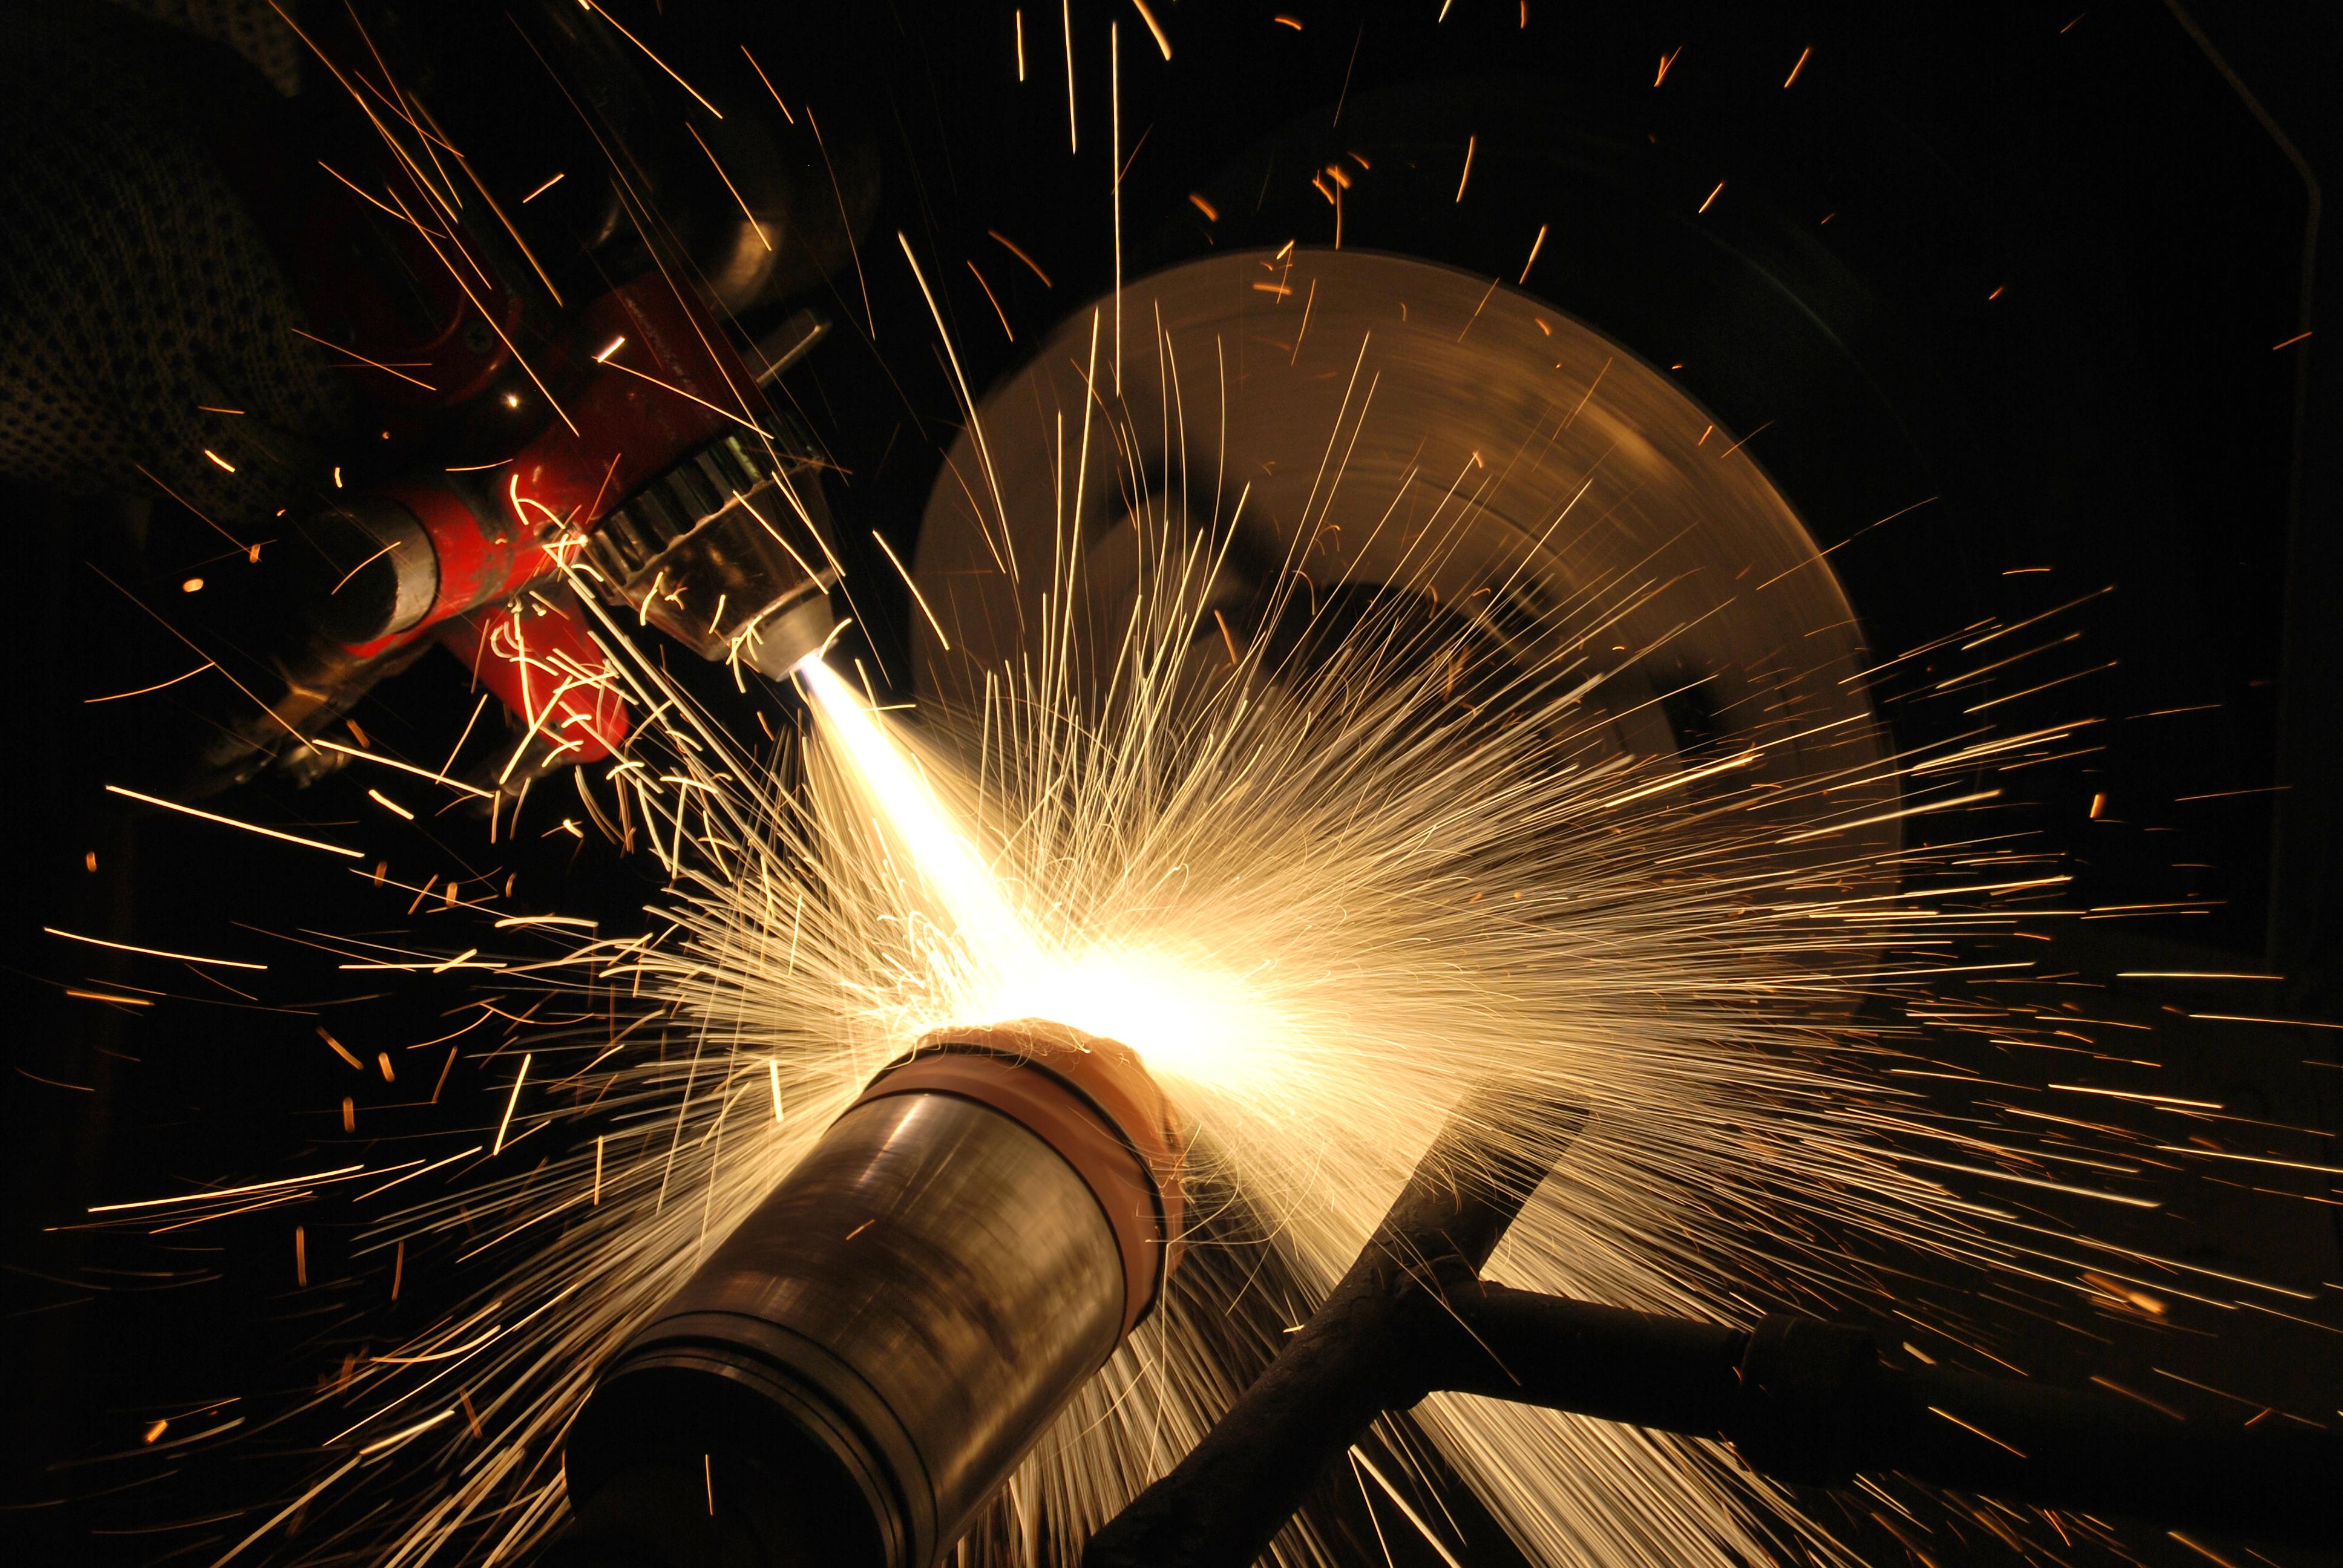 Вакуумная металлизация алюминием - металлы и металлообработка